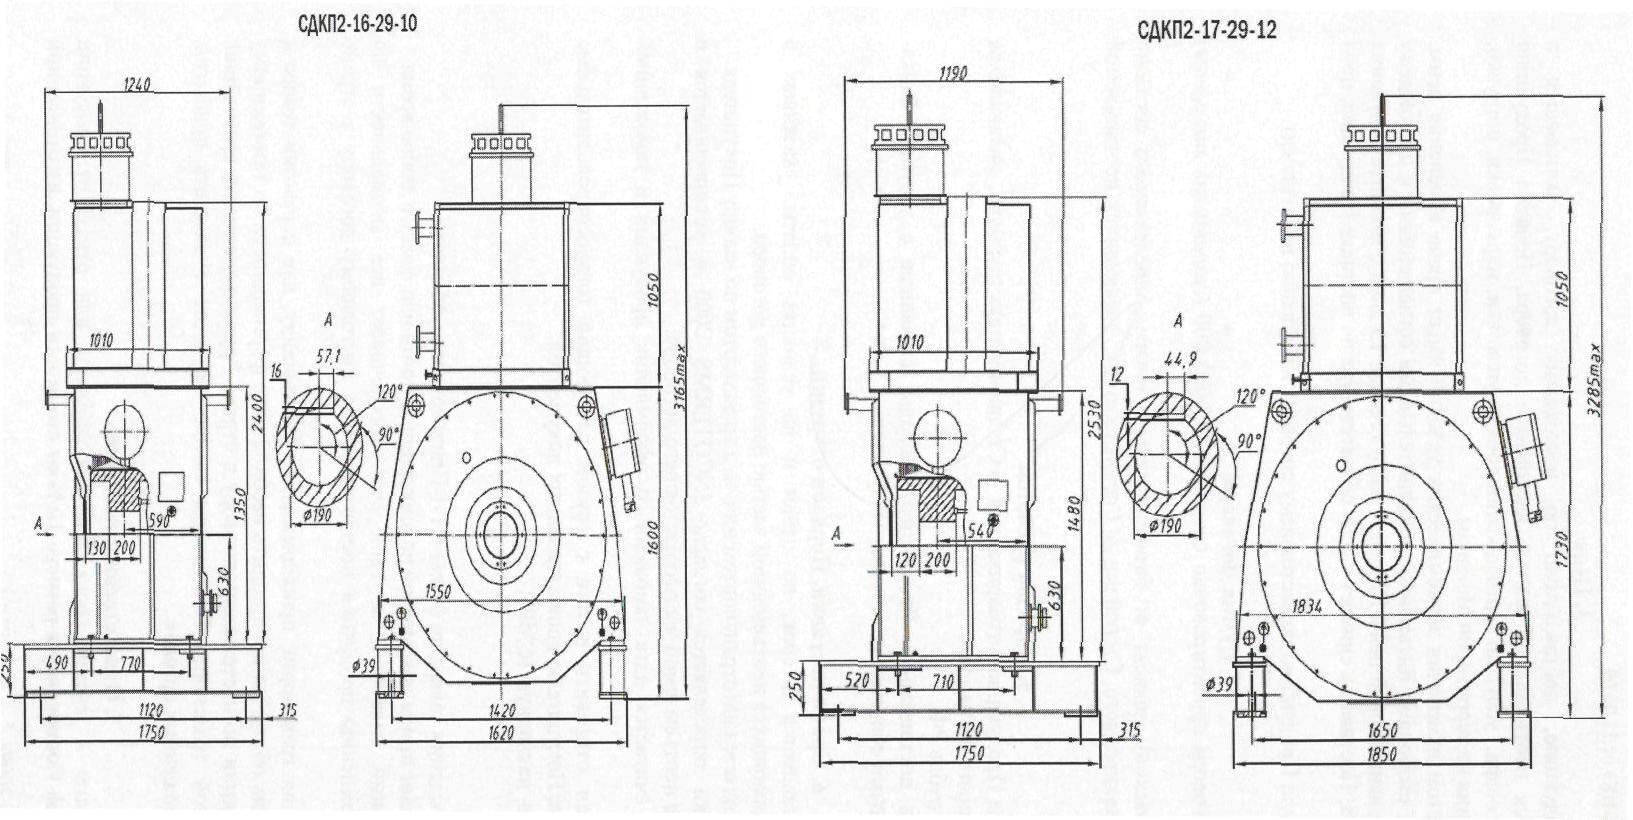 схема обмотки электродвигателя сдк2-17-26-12к